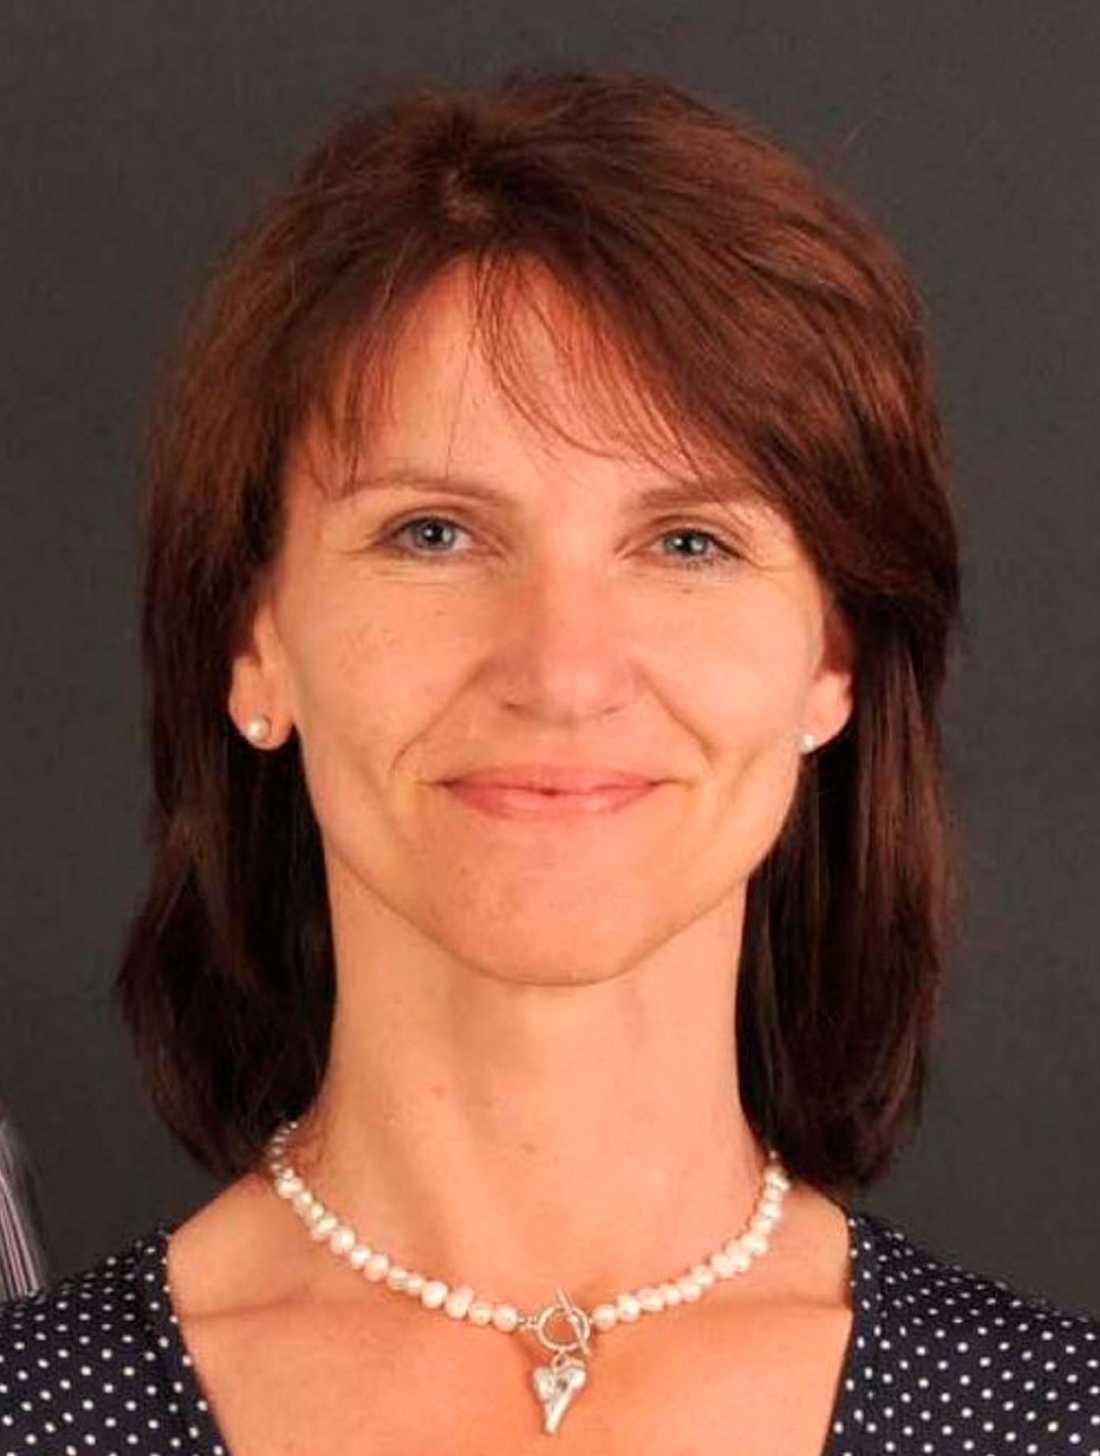 """""""Mor Utøya"""" Monica Bøsei hade jobbat som AUF-ledare på sommarlägret i över 20 år, när hon i fredags blev en av Anders Behring Breivik första offer på ön."""